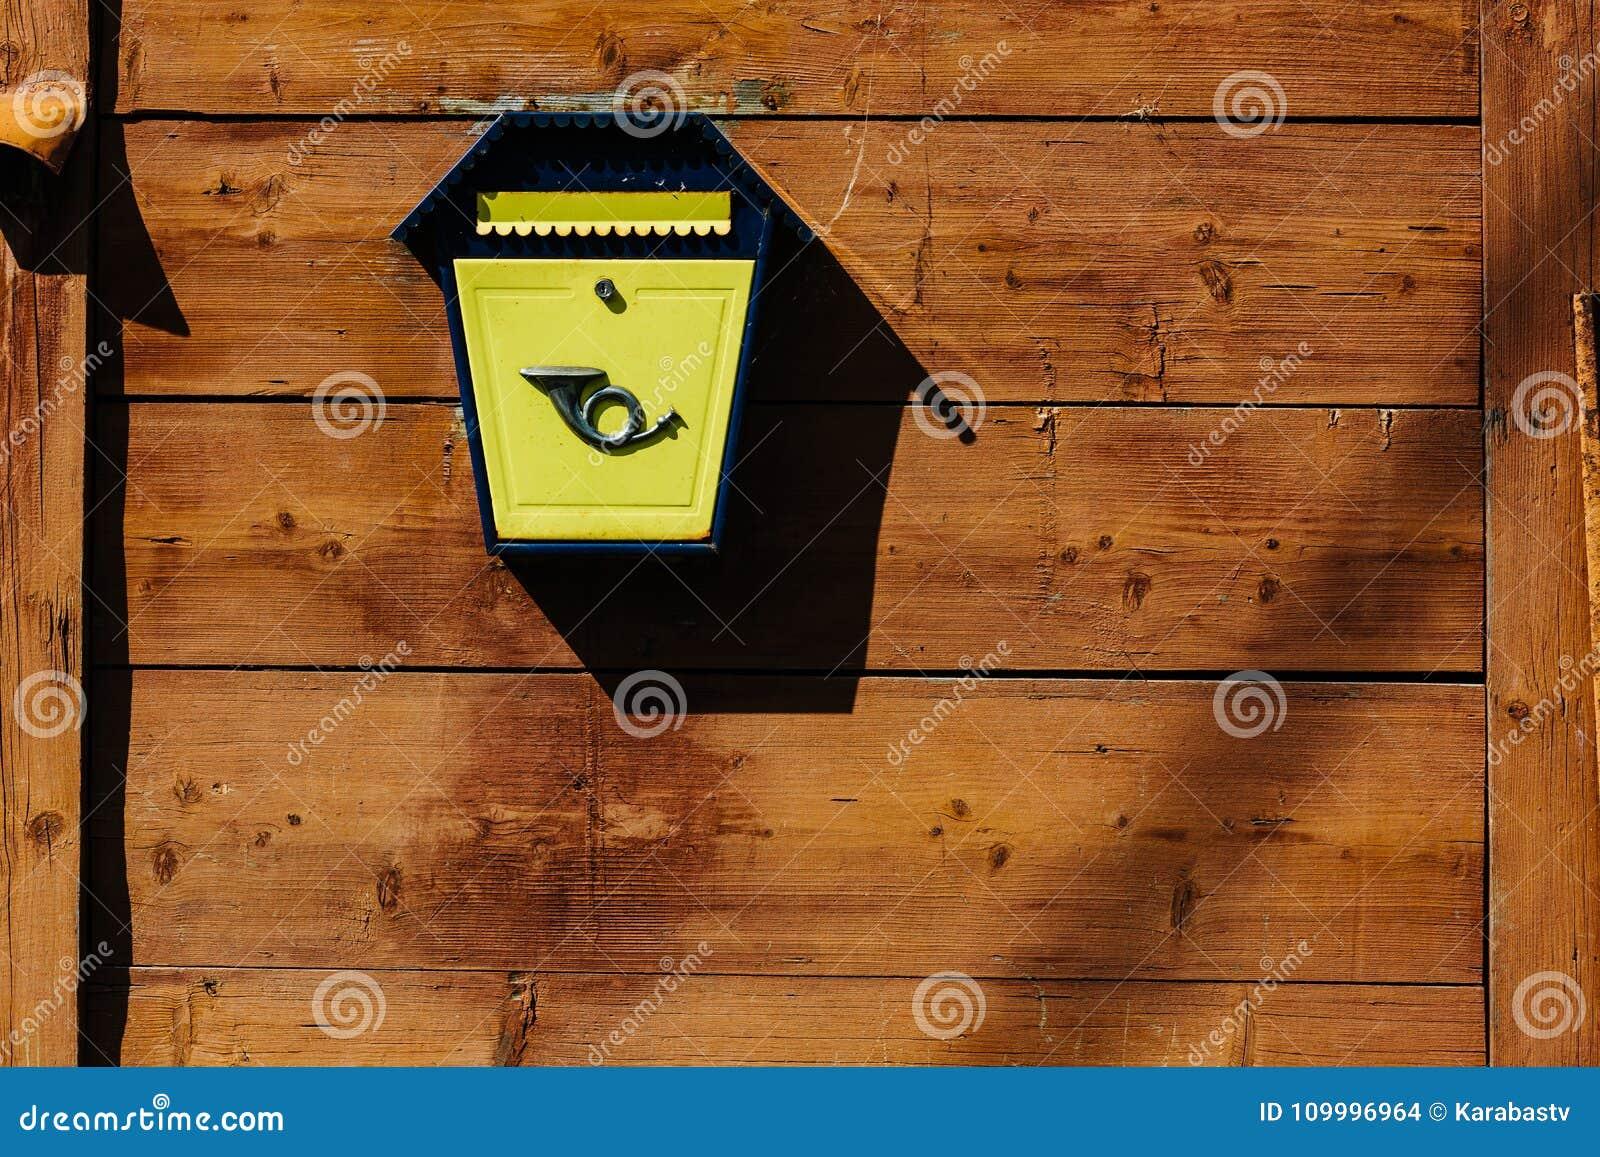 Lettere Di Legno Da Appendere : Personalizzato bambini porta parete arte lettera di legno placca